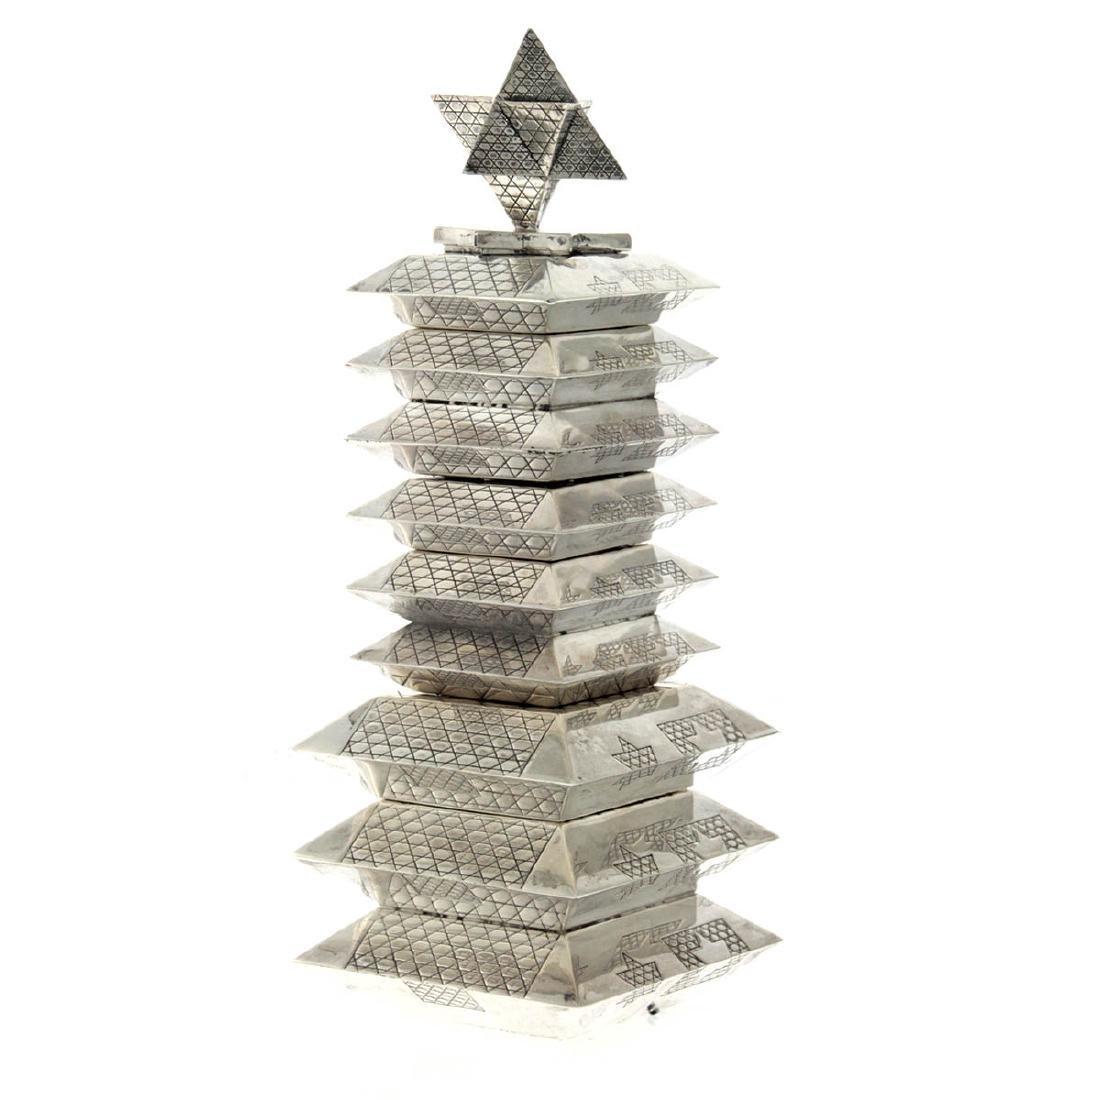 Unique - Sterling Silver Havdallah Set Designed by